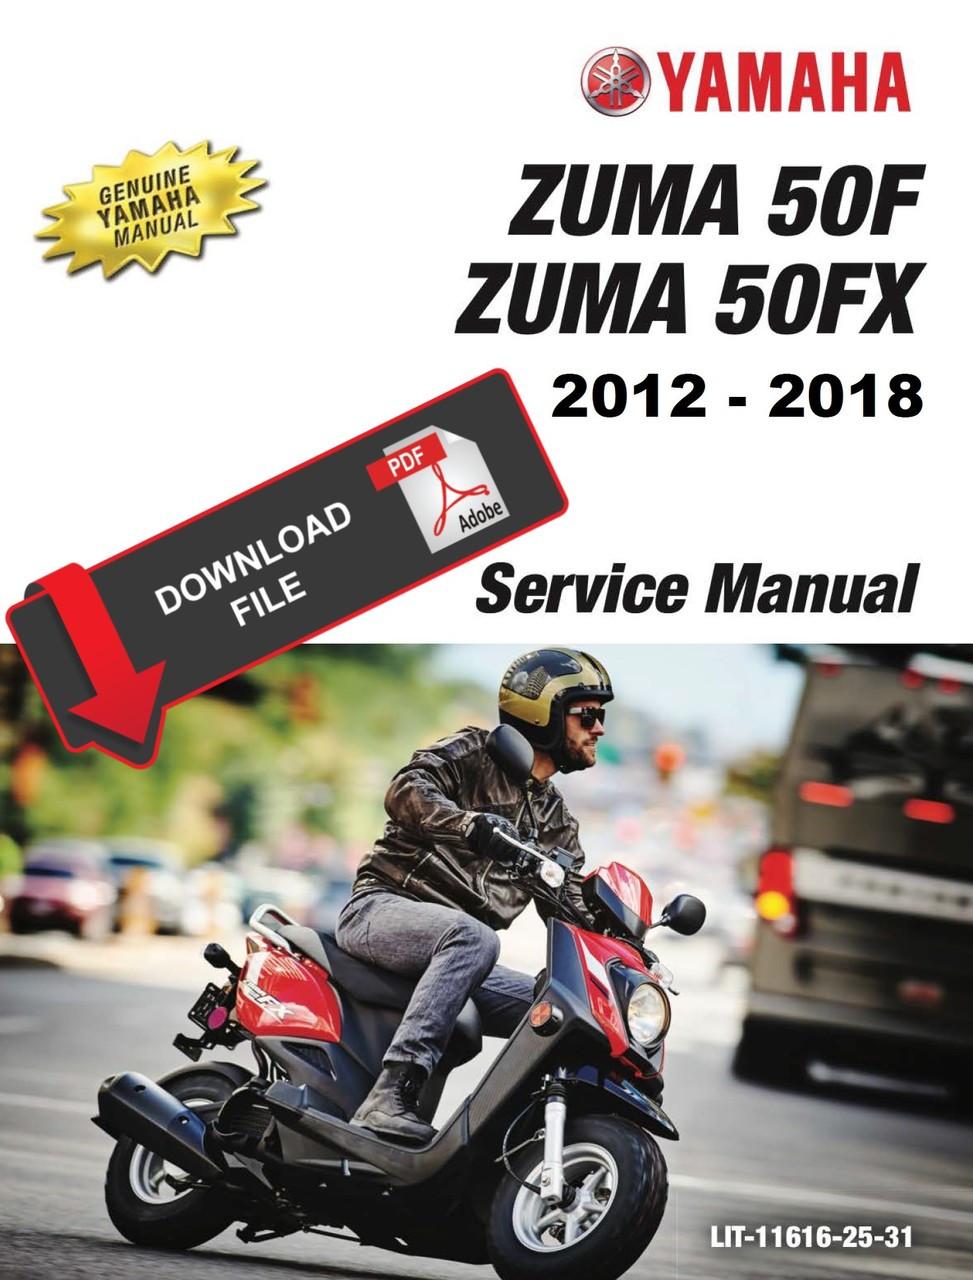 Yamaha 2015 Zuma 50 Service Manual